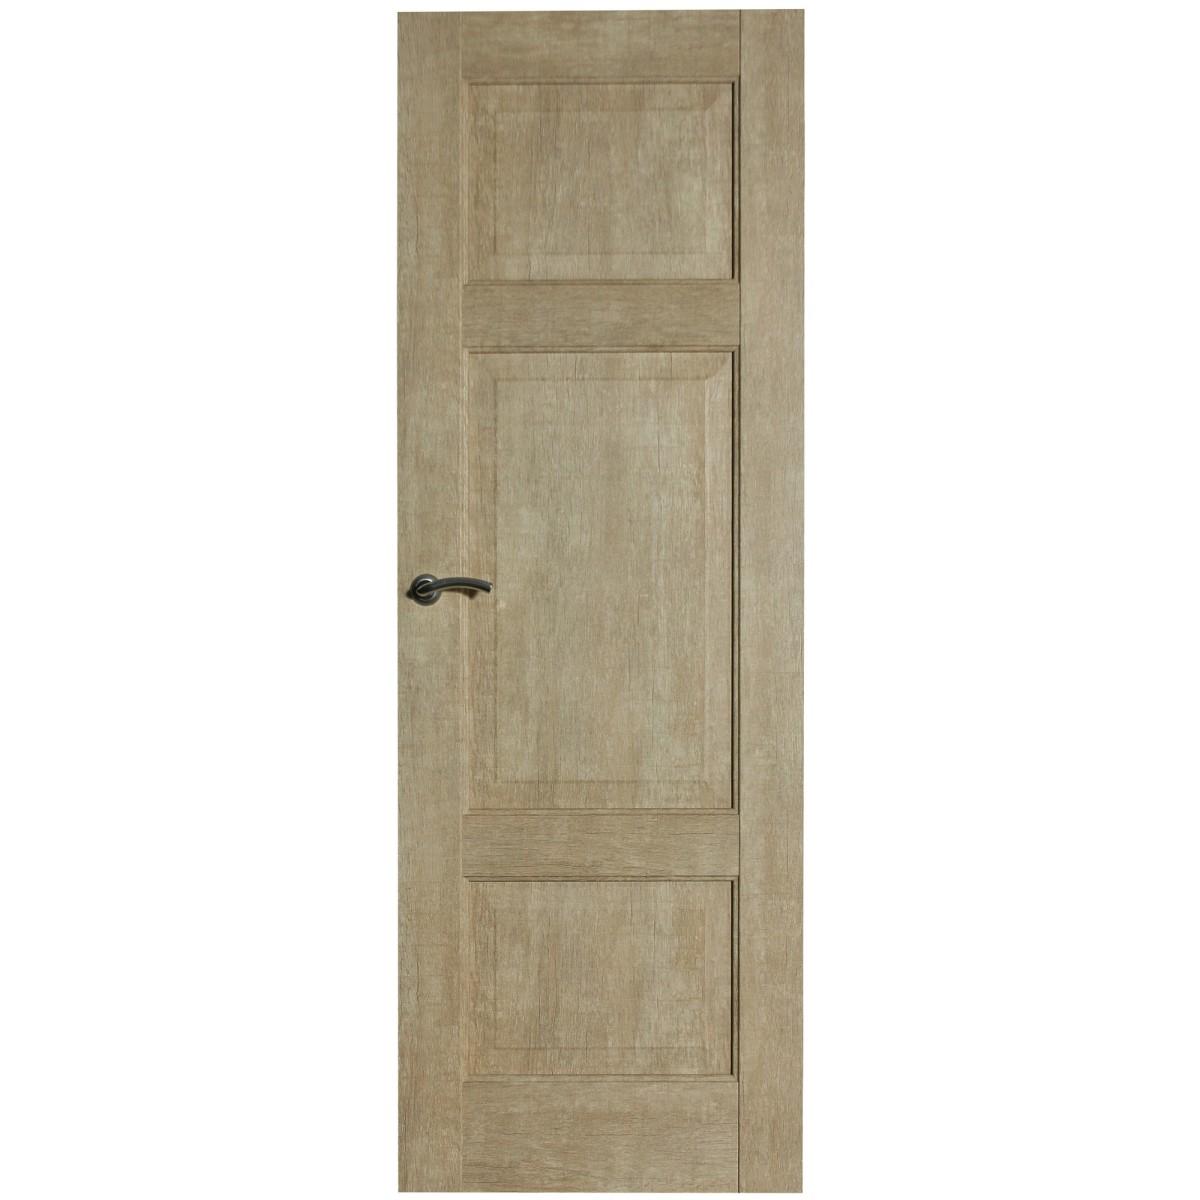 Дверь межкомнатная глухая Антико 60x200 см цвет винтажный дуб